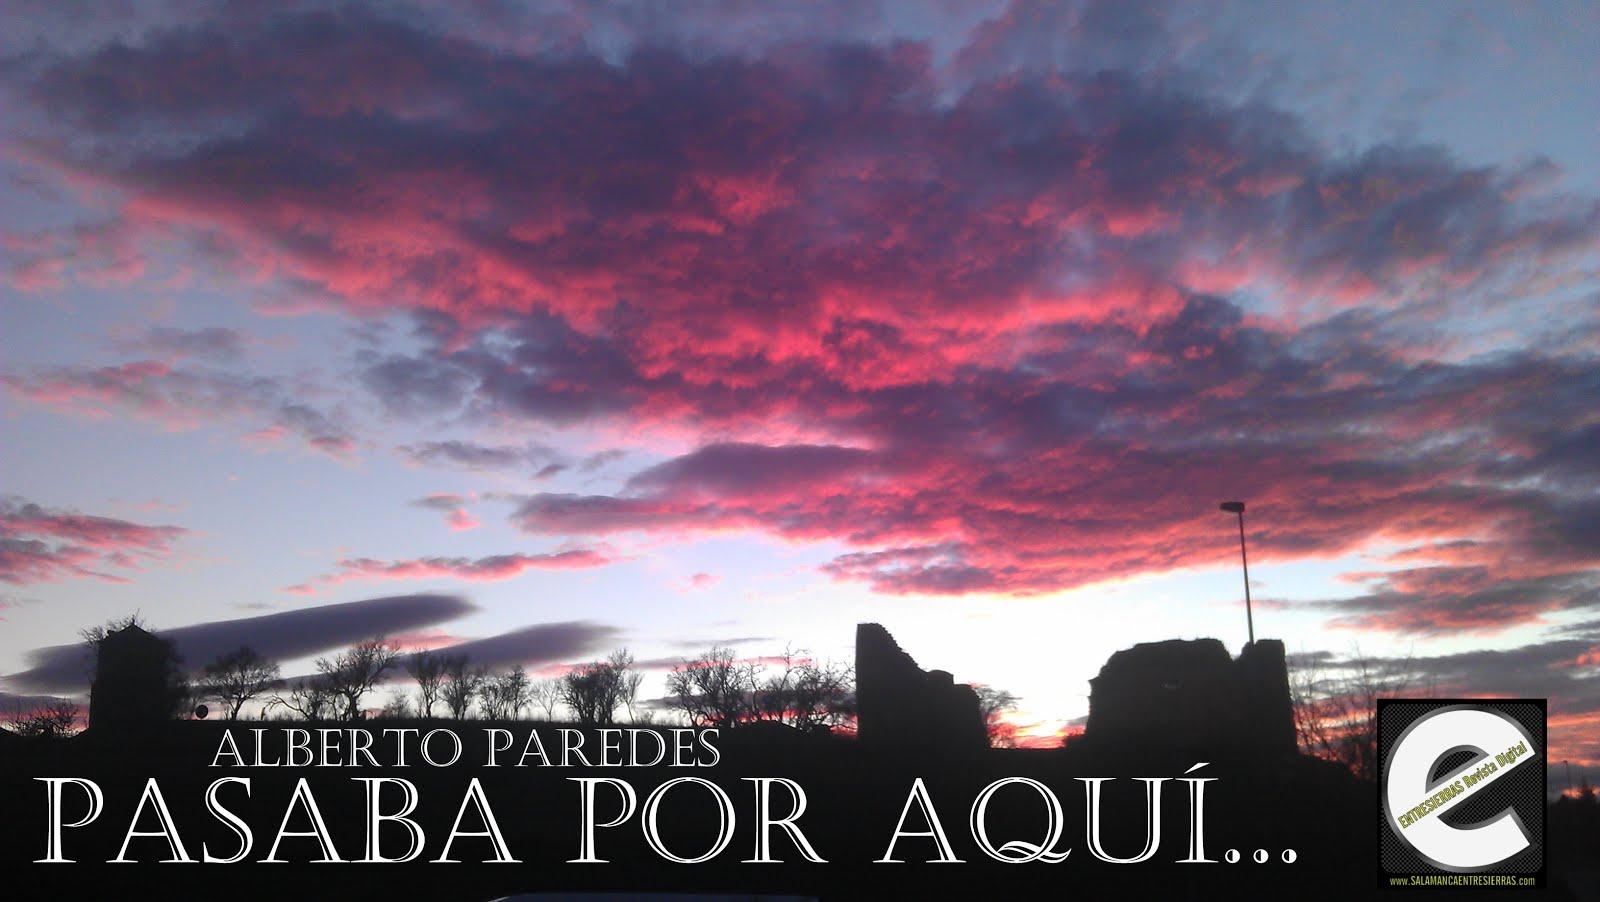 PASABA POR AQUÍ... por Alberto Paredes